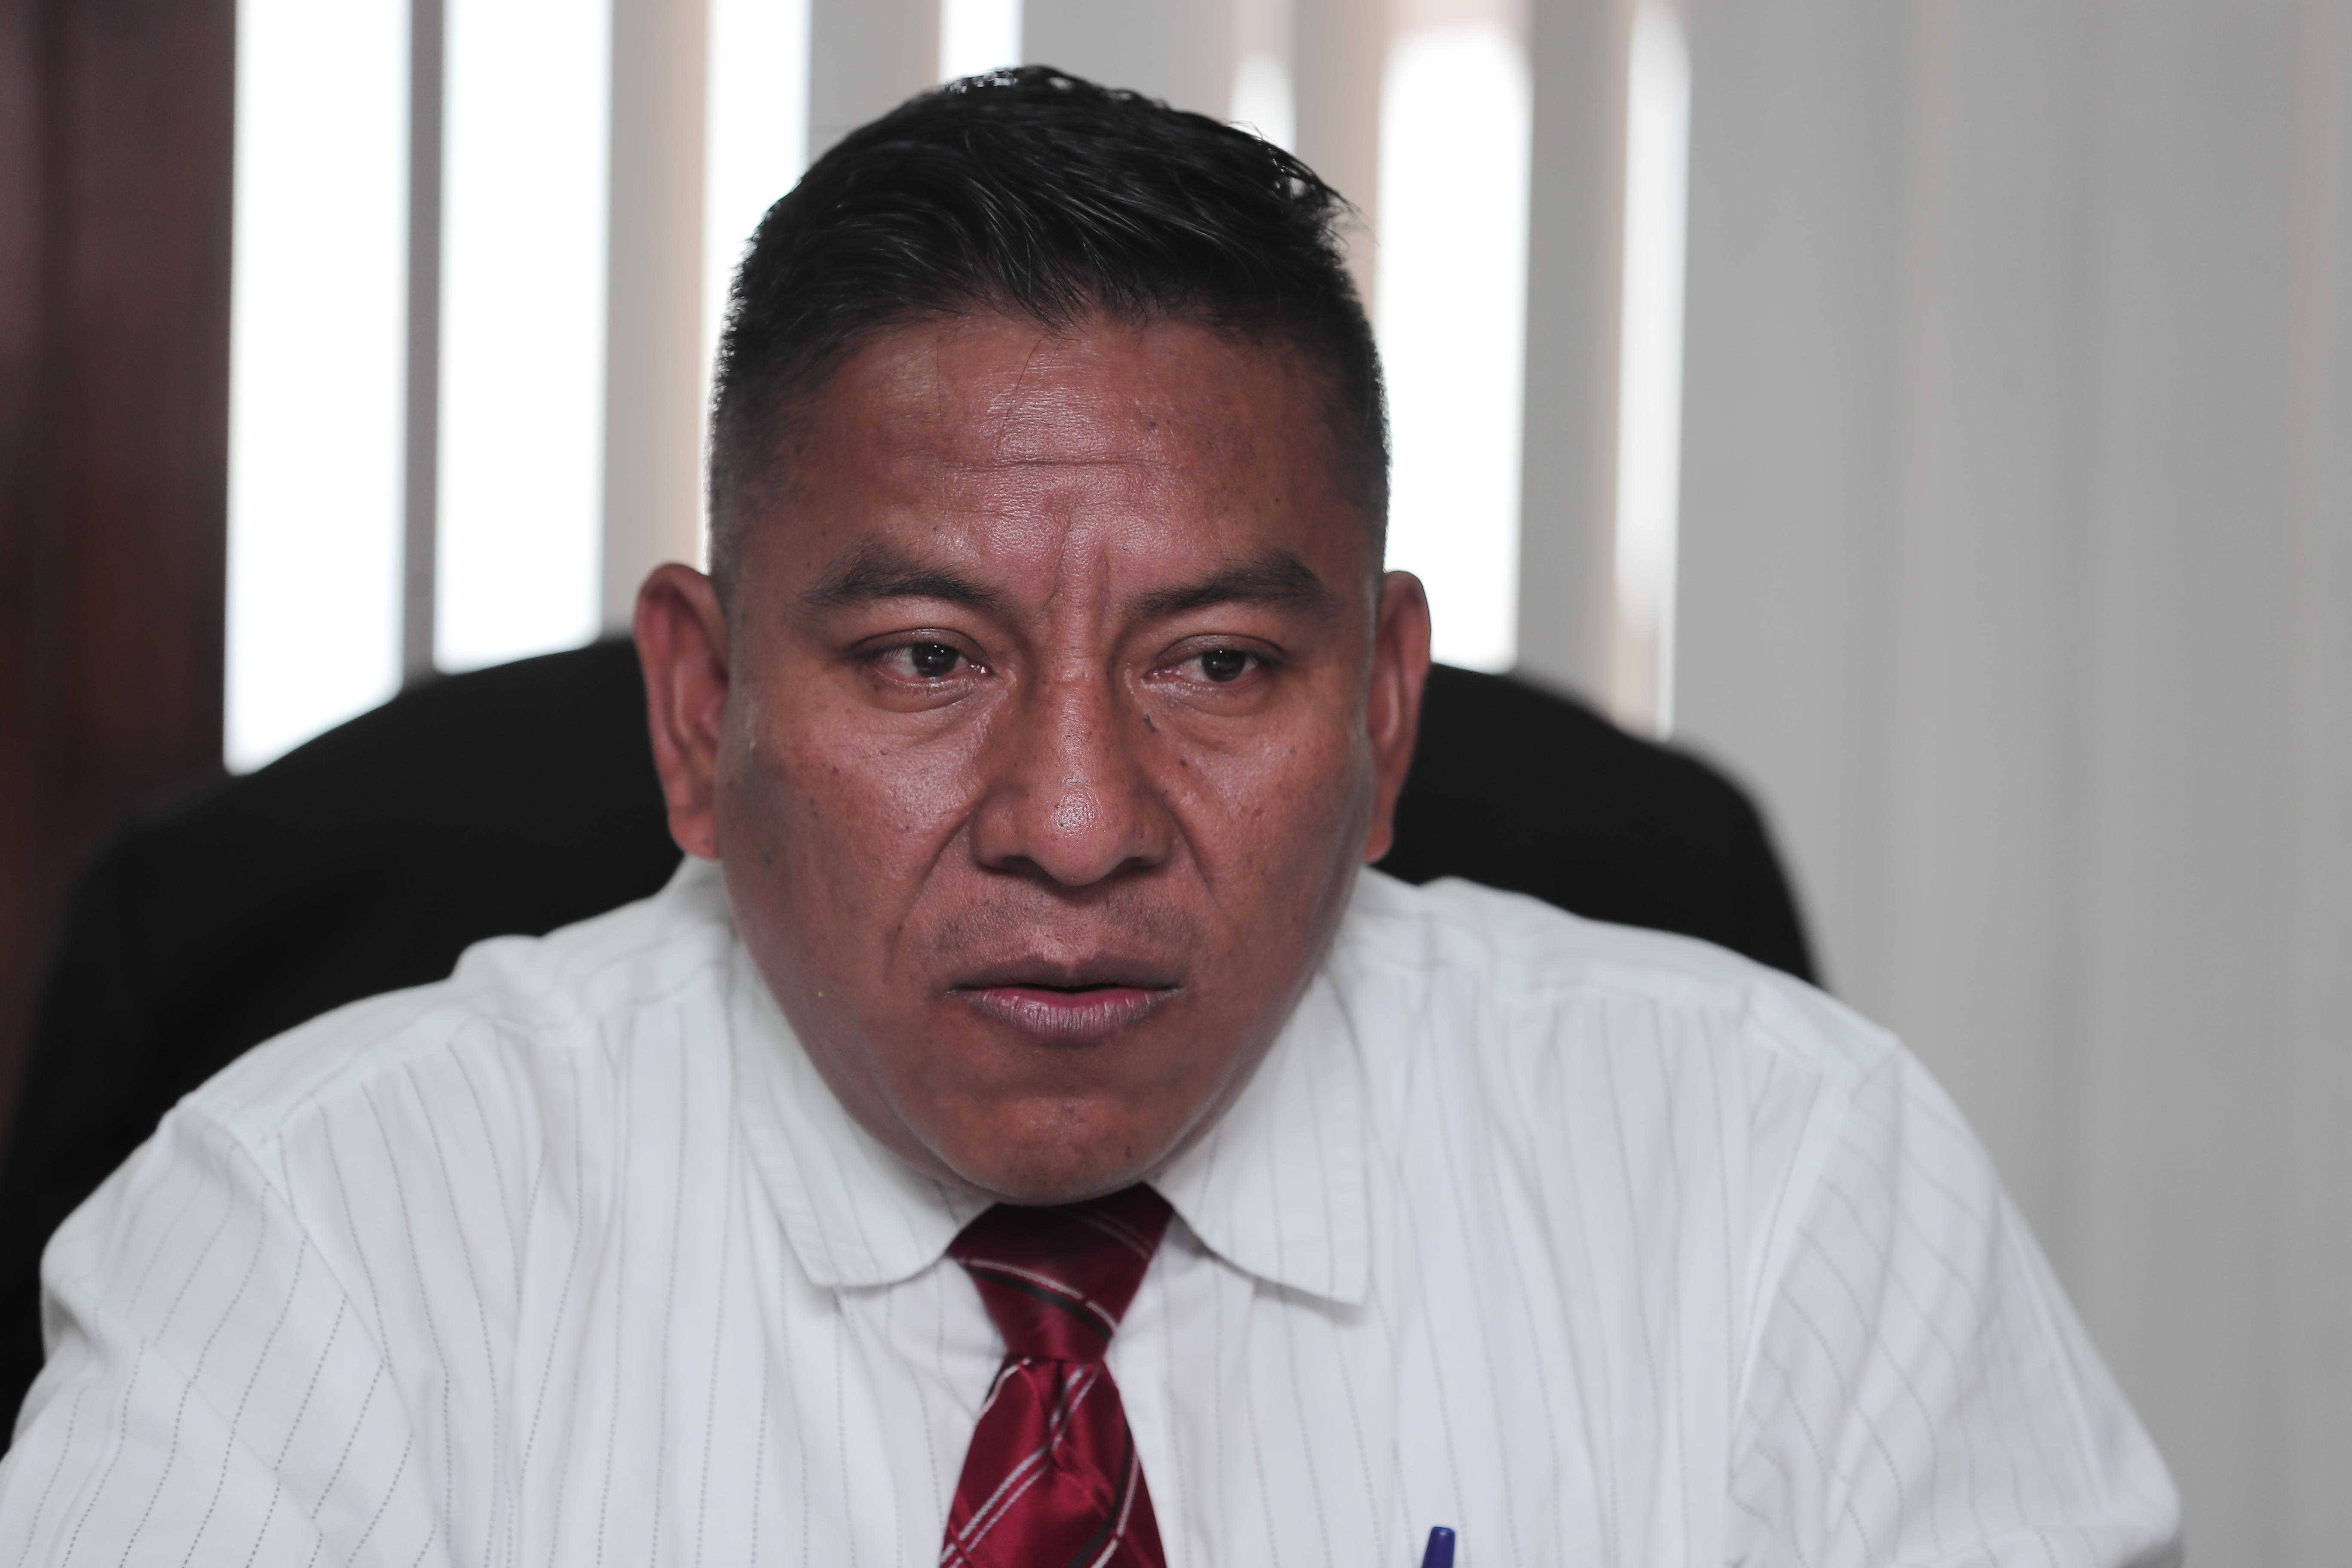 JUEZ PABLO XITUMUL. El Juez Pablo Xitumul accedi— a brindar declaraciones a Prensa Libre y Guatevisi—n sobre el altercado que tuvo con un inspector de la PNC donde se vio involucrada su familia.